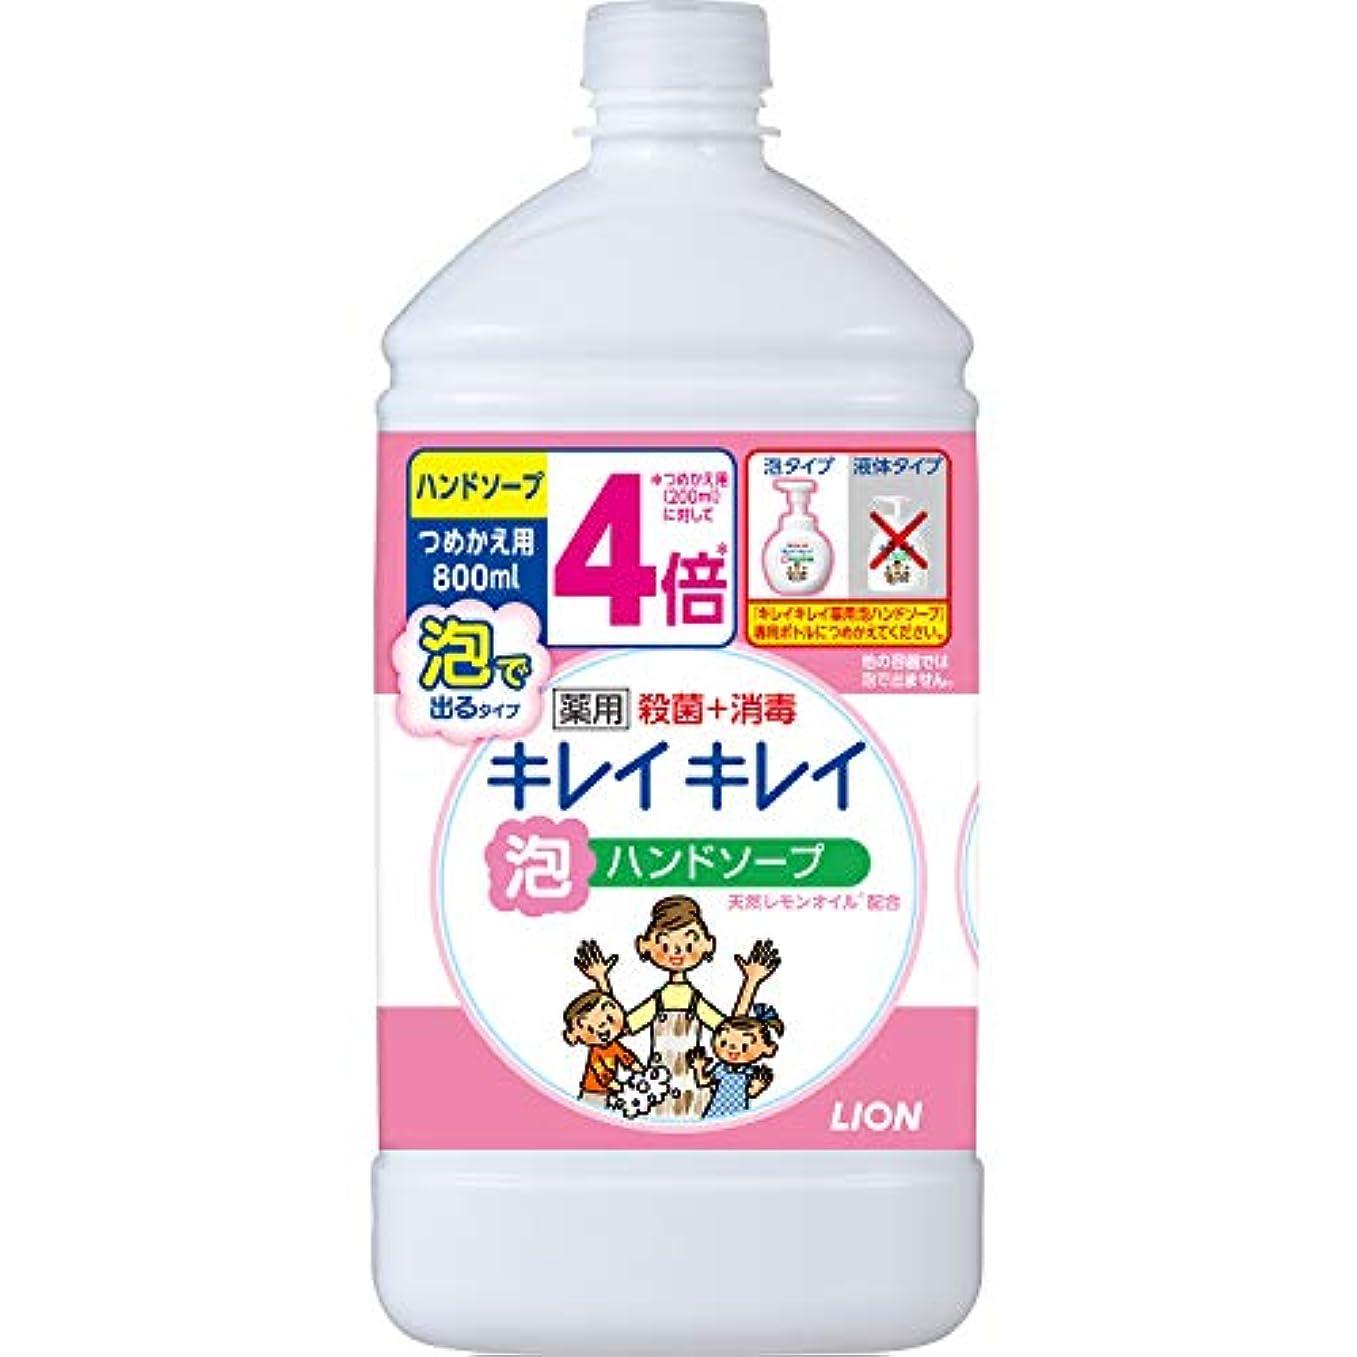 ために良性乳白色(医薬部外品)【大容量】キレイキレイ 薬用 泡ハンドソープ シトラスフルーティの香り 詰替特大 800ml